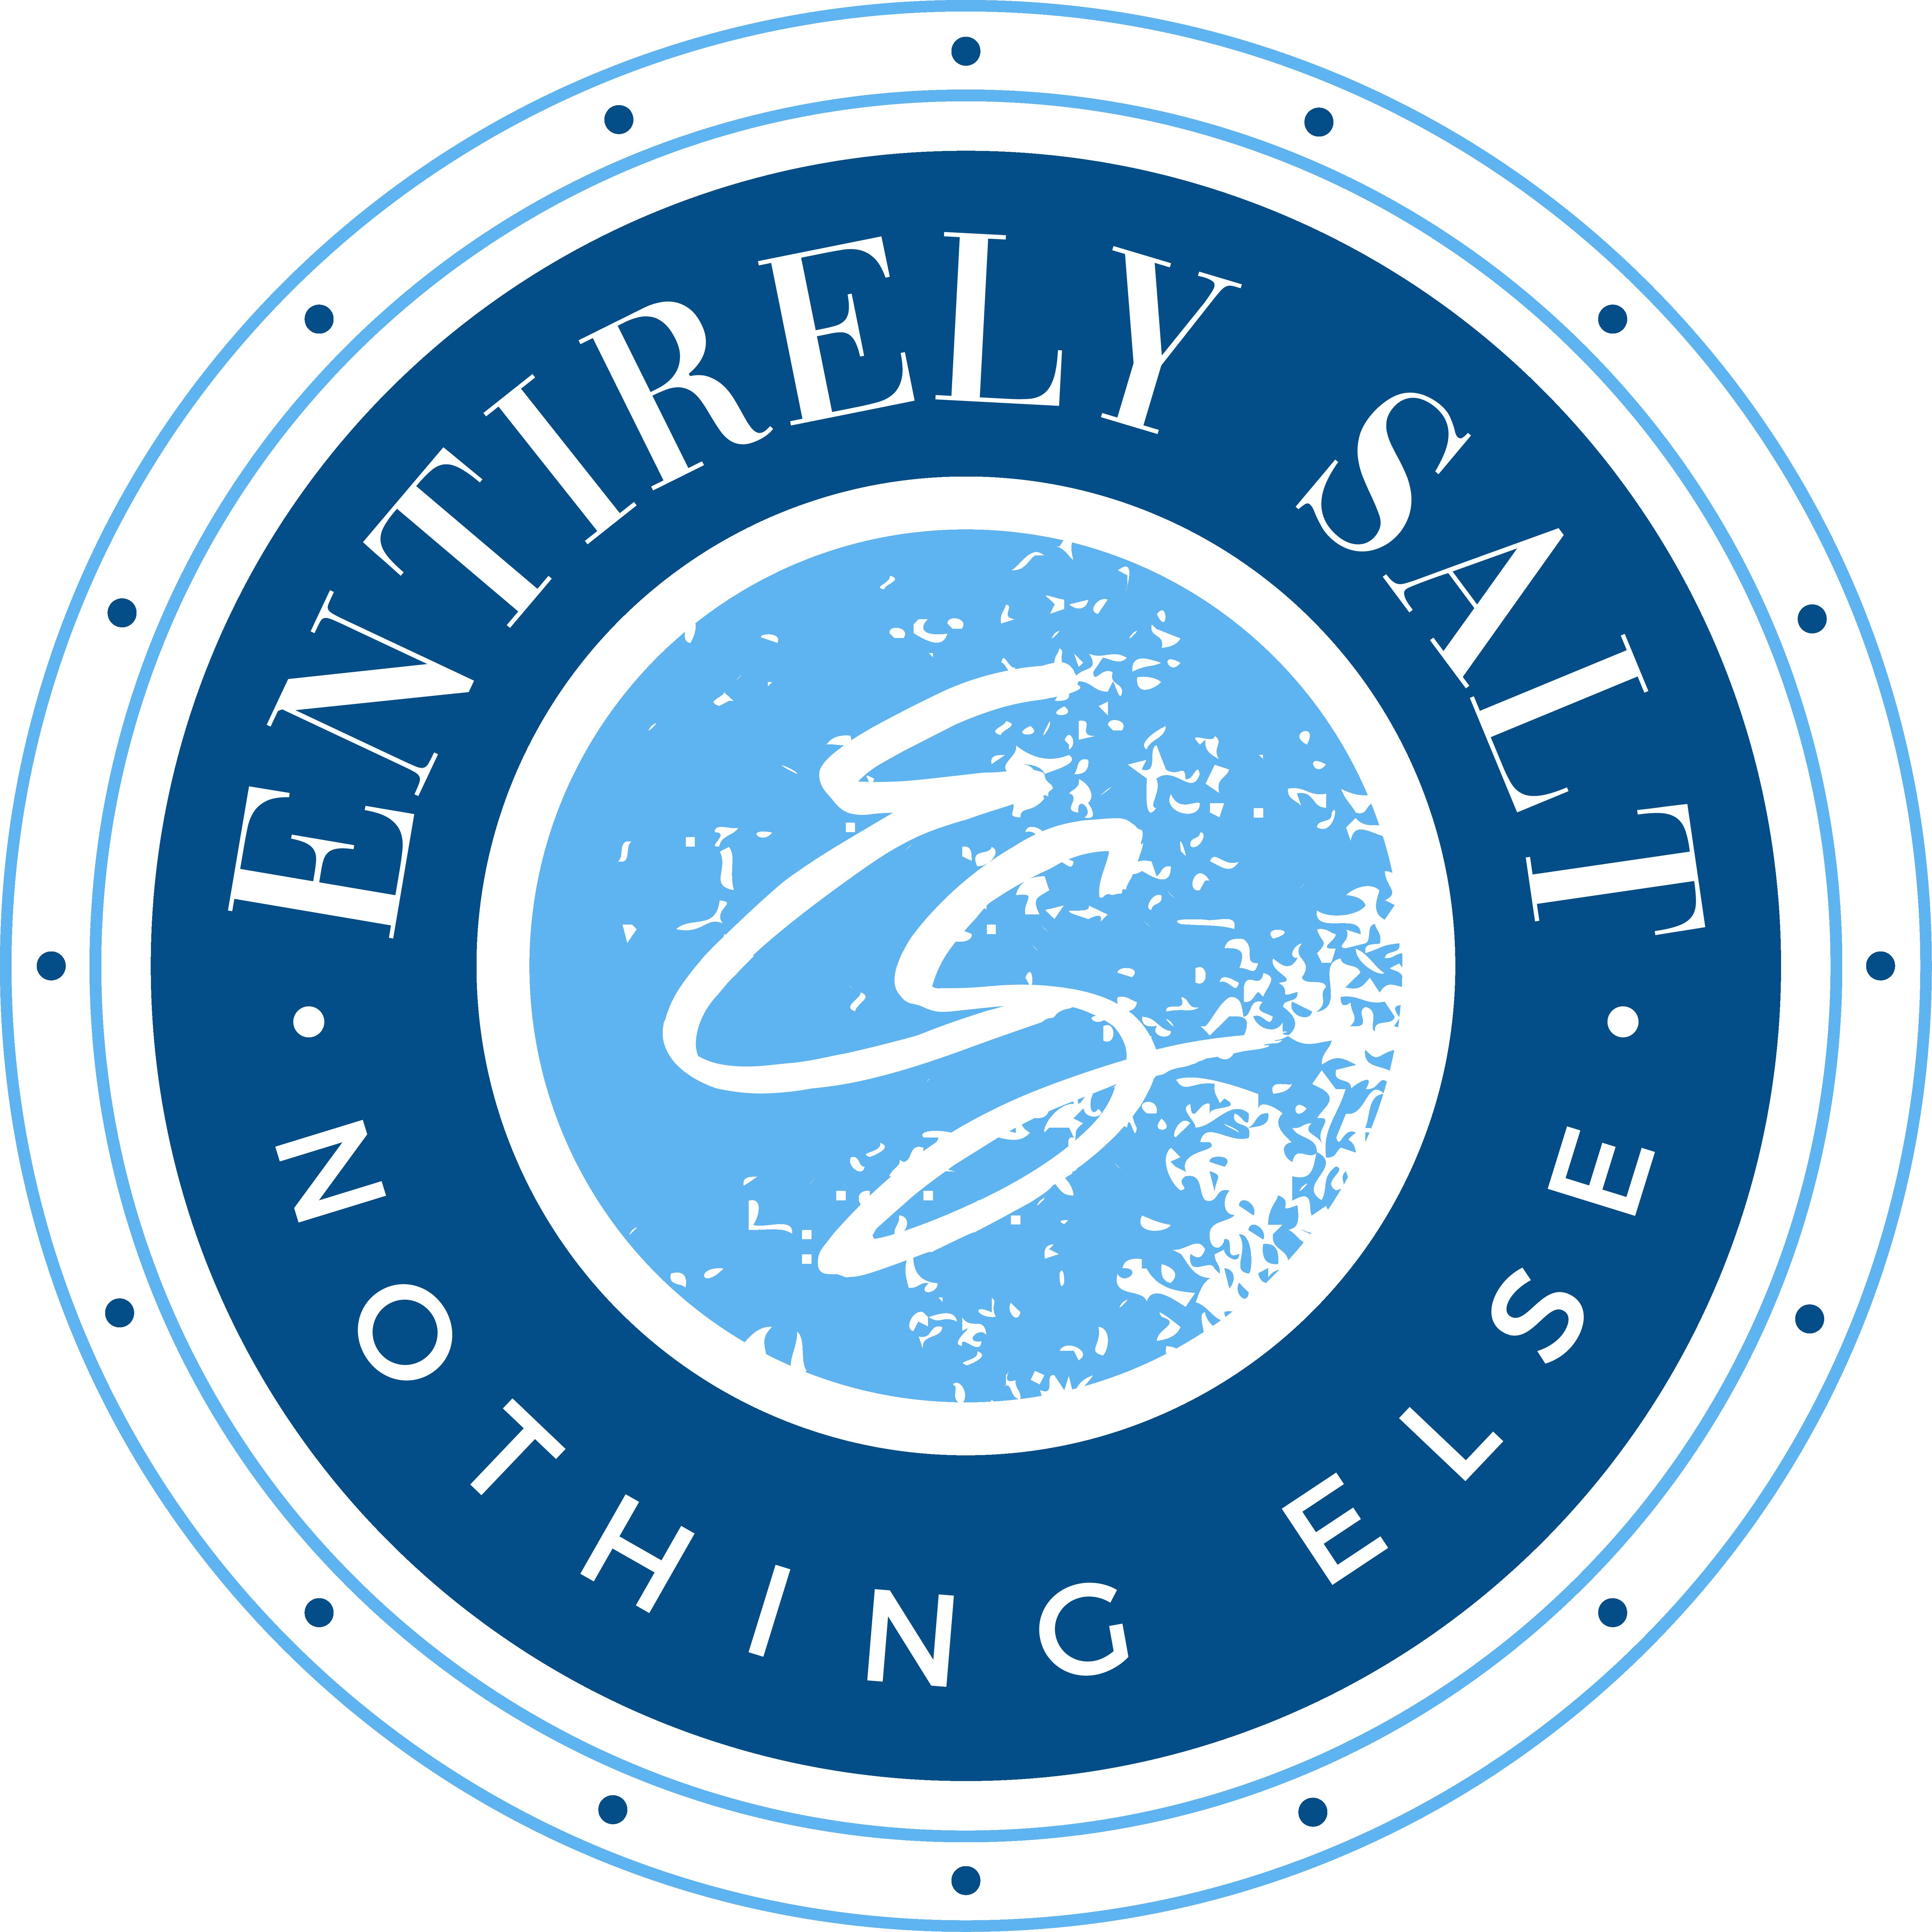 Logo Design for New Natural Food Salt Supplier